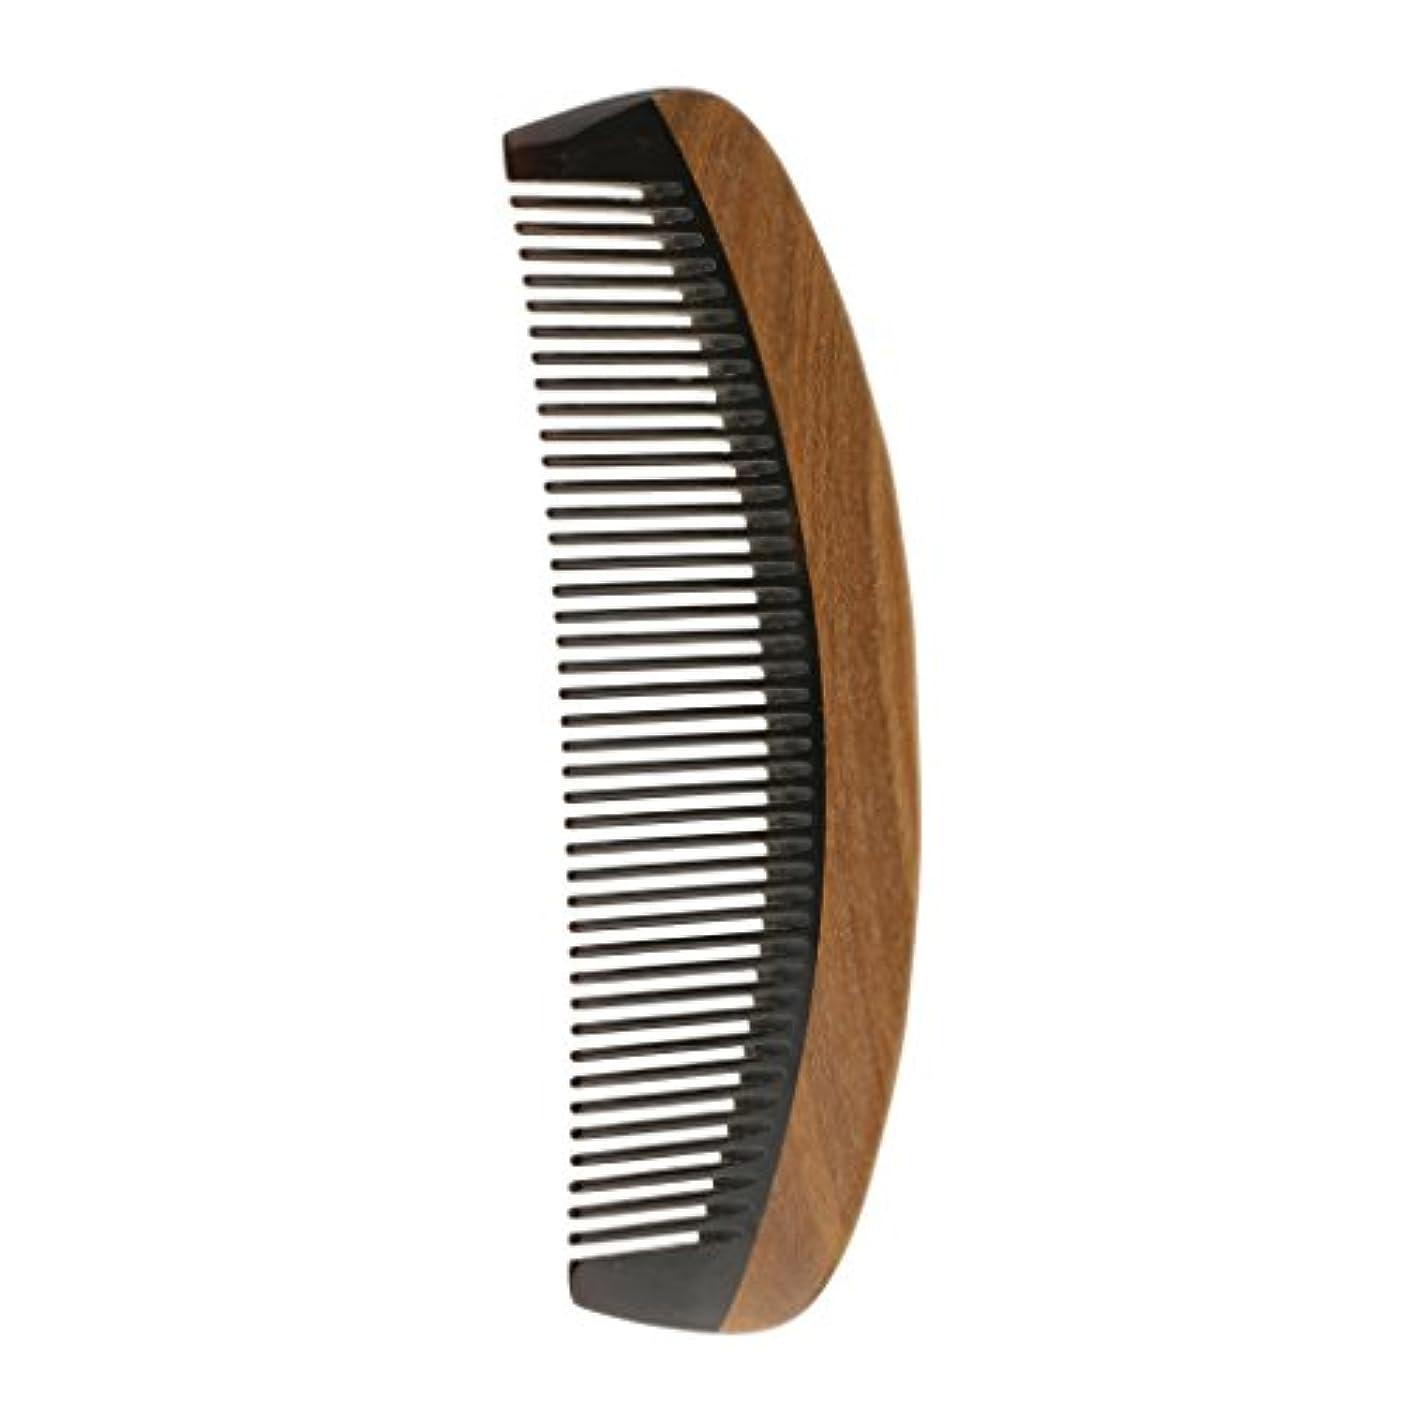 意味のある記者ましいToygogo 帯電防止の白檀の香りの自然な毛のDetanglerの櫛の頭部のマッサージのブラシ